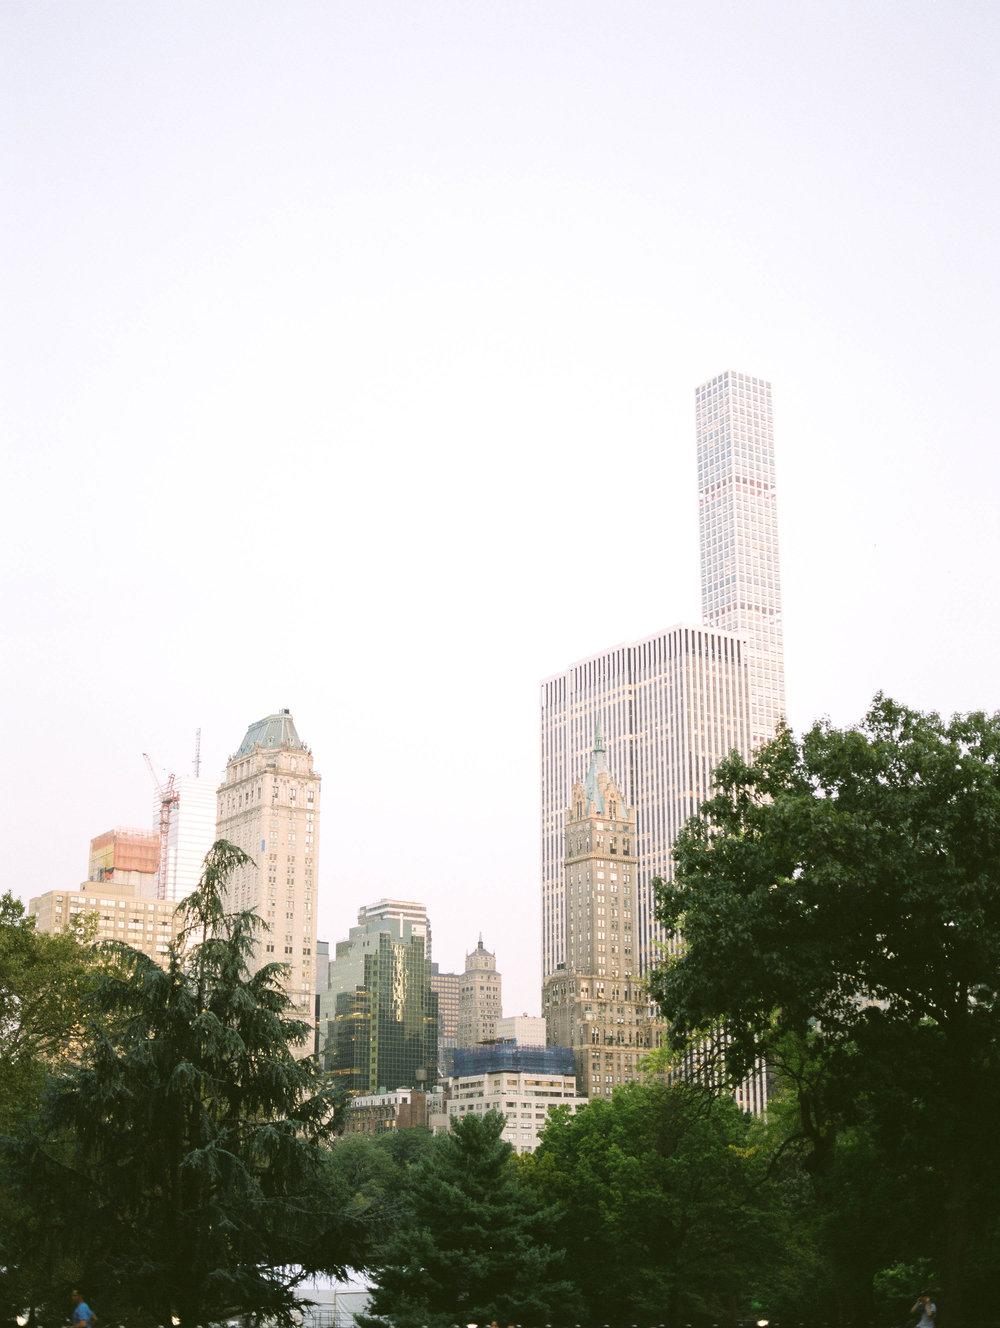 Central Park New York City - www.jleephotos.com